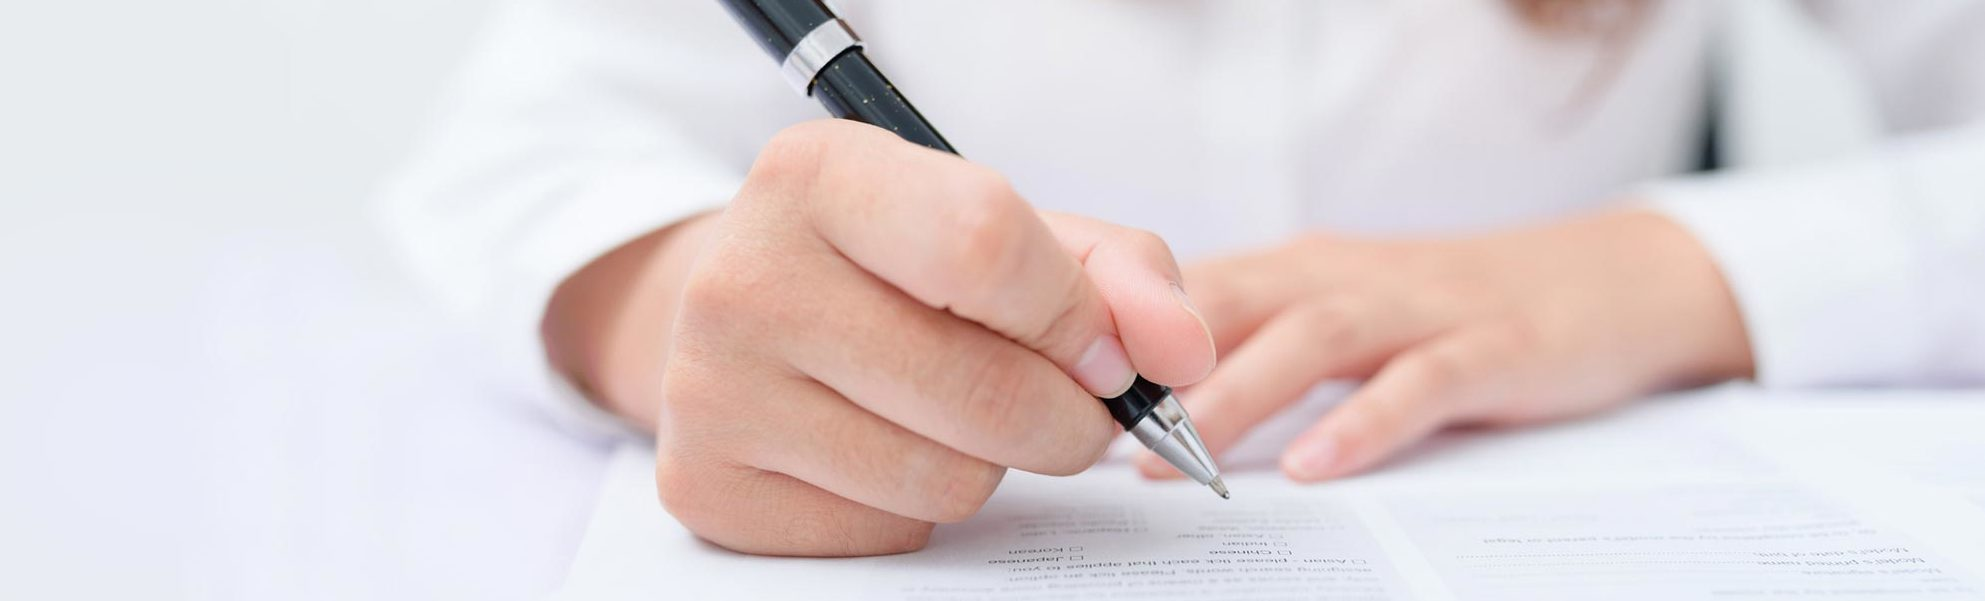 wunschrecht reha klinik formular